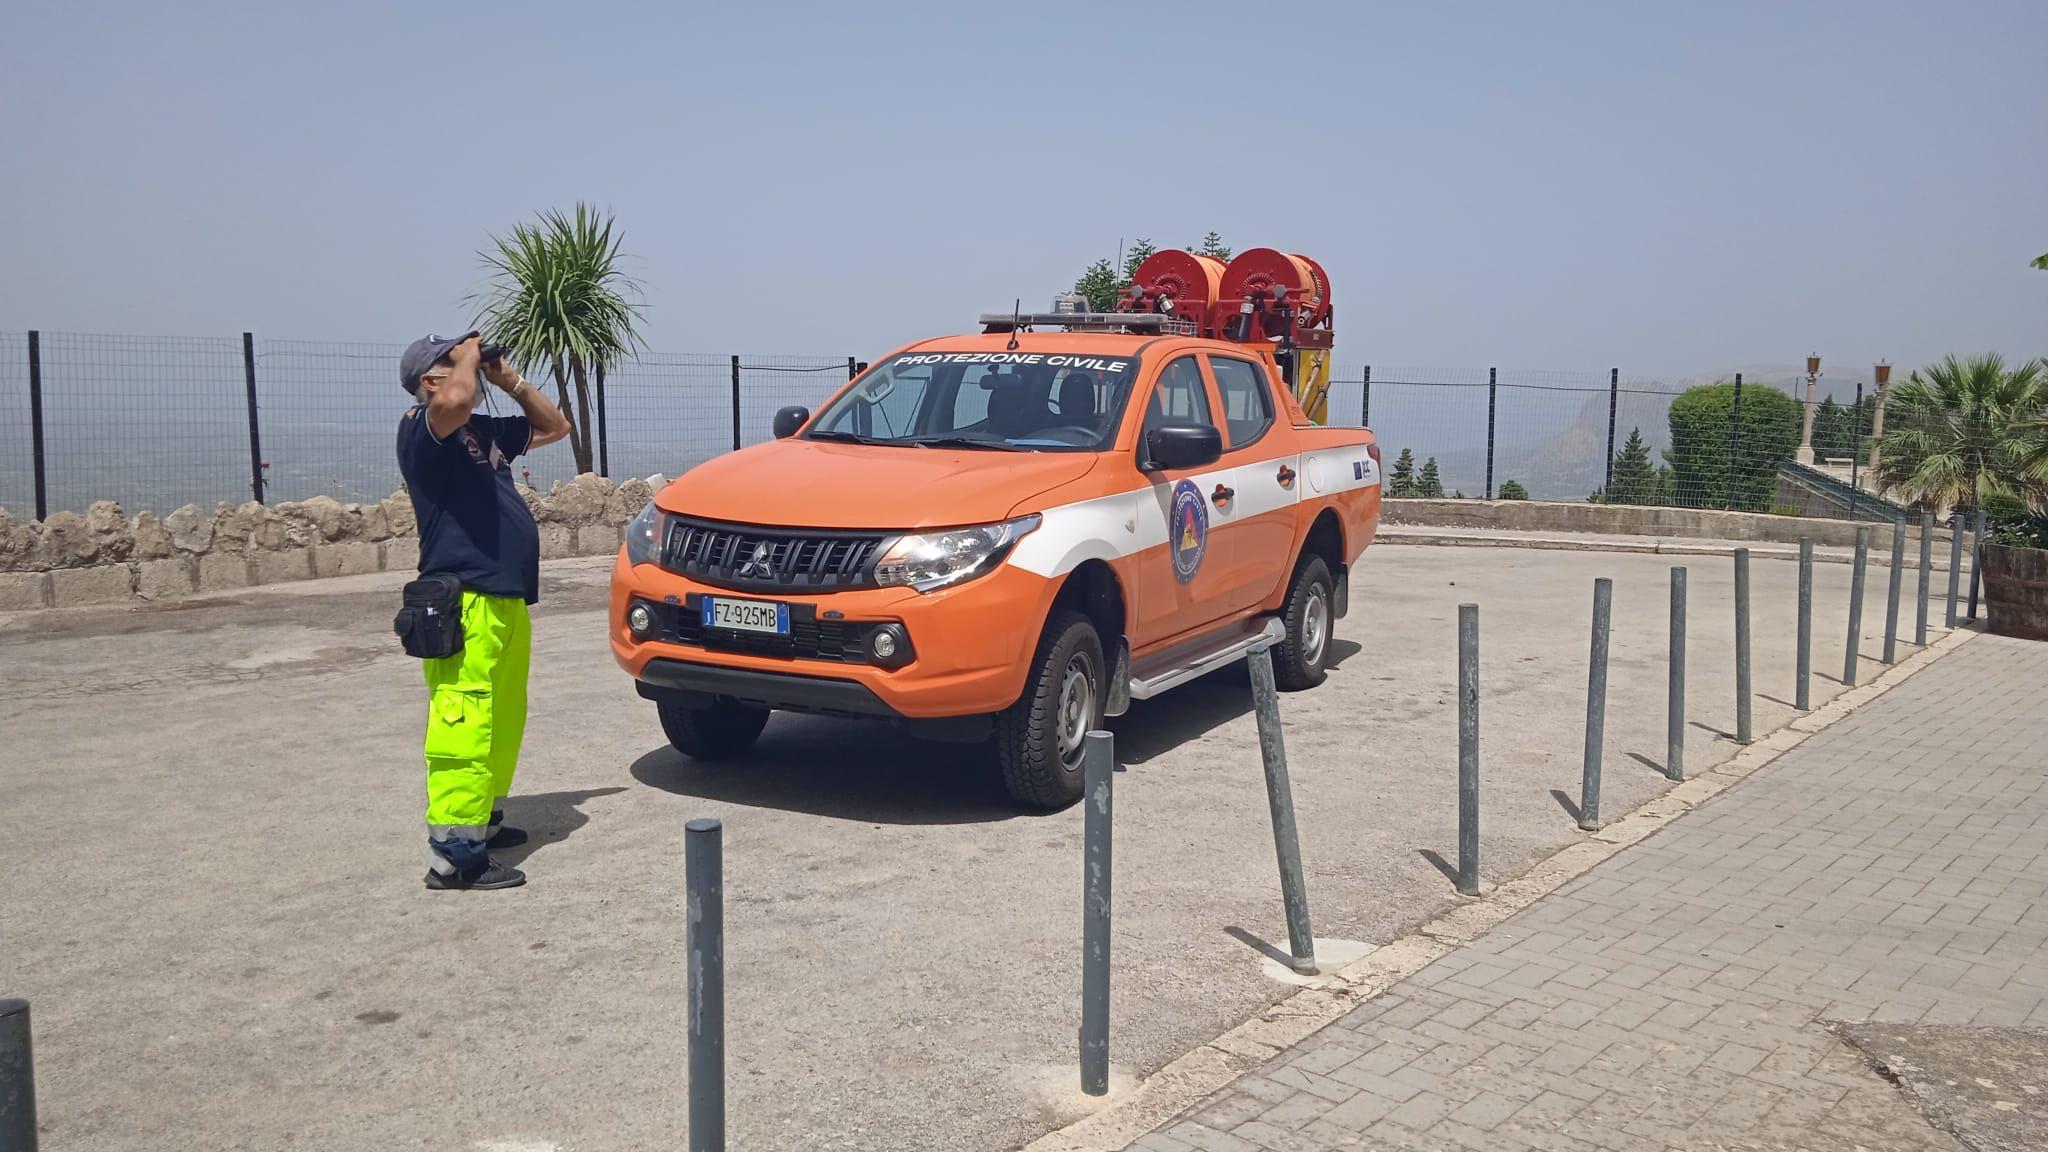 Sentinelle antincendio. In tutta la Sicilia centinaia di volontari sono operativi per prevenire l'azione di piromani e il manifestarsi di incendi boschivi e di interfaccia.